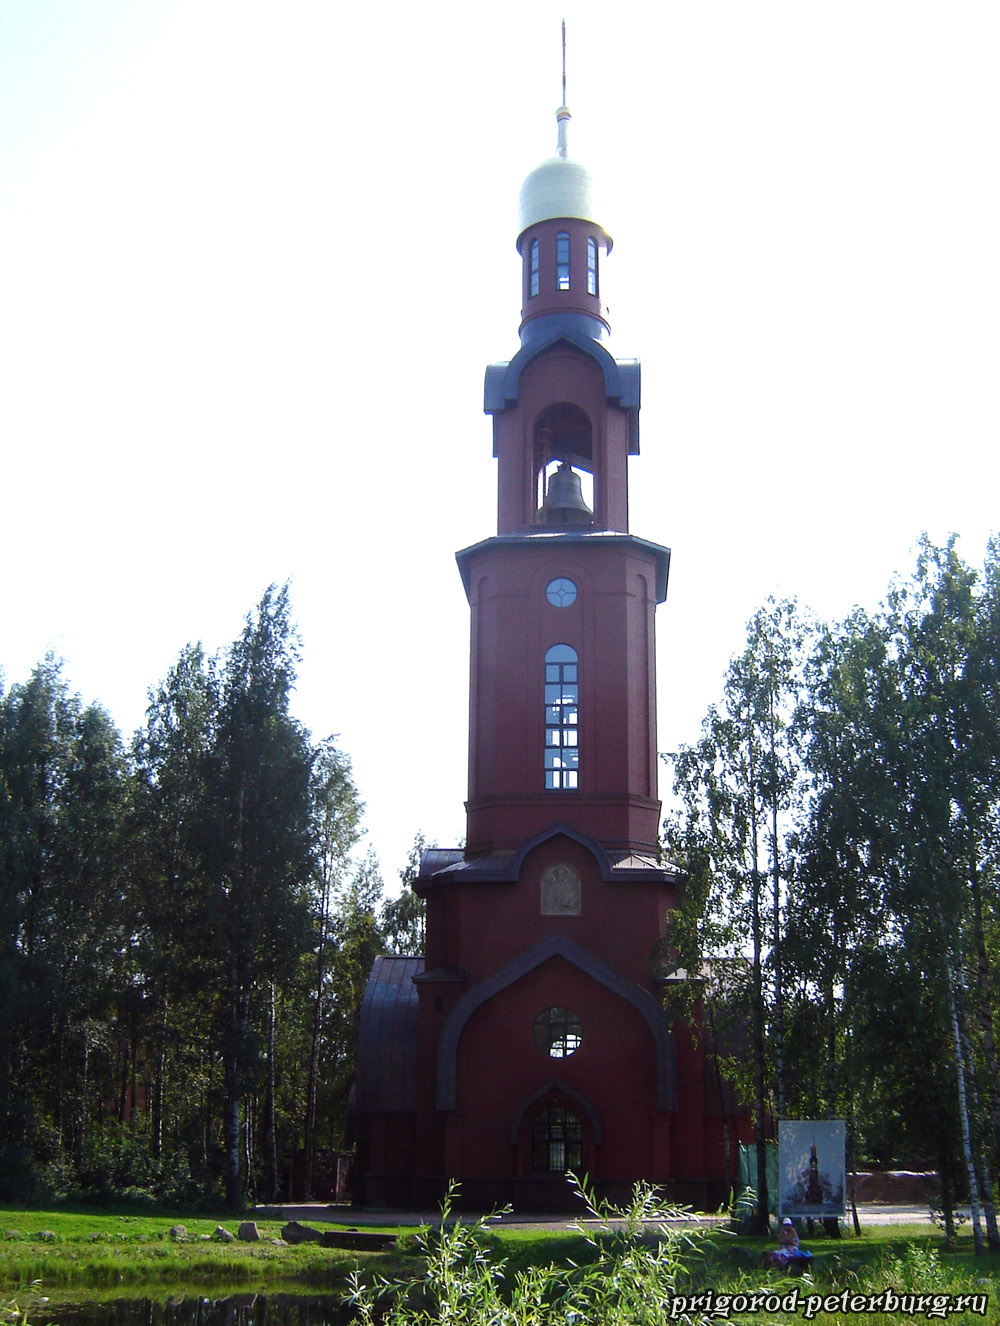 Храм-колокольня в честь святого князя Игоря Черниговского